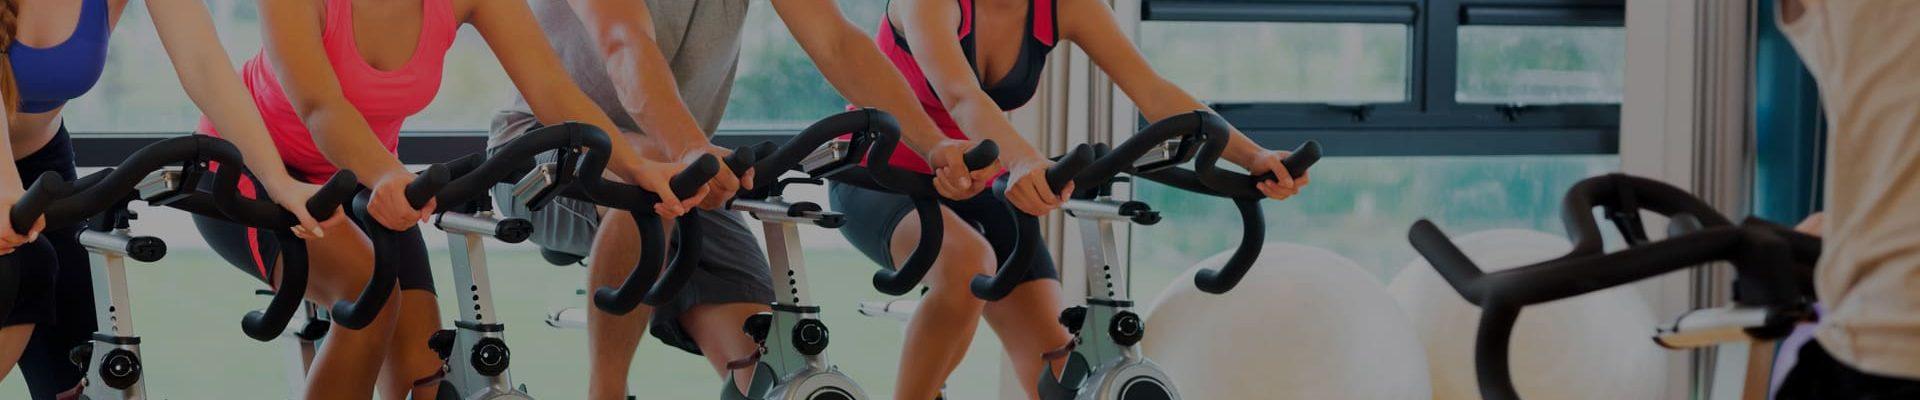 Cabecera de la categoría de Ciclo Indoor del blog de CIM Formación